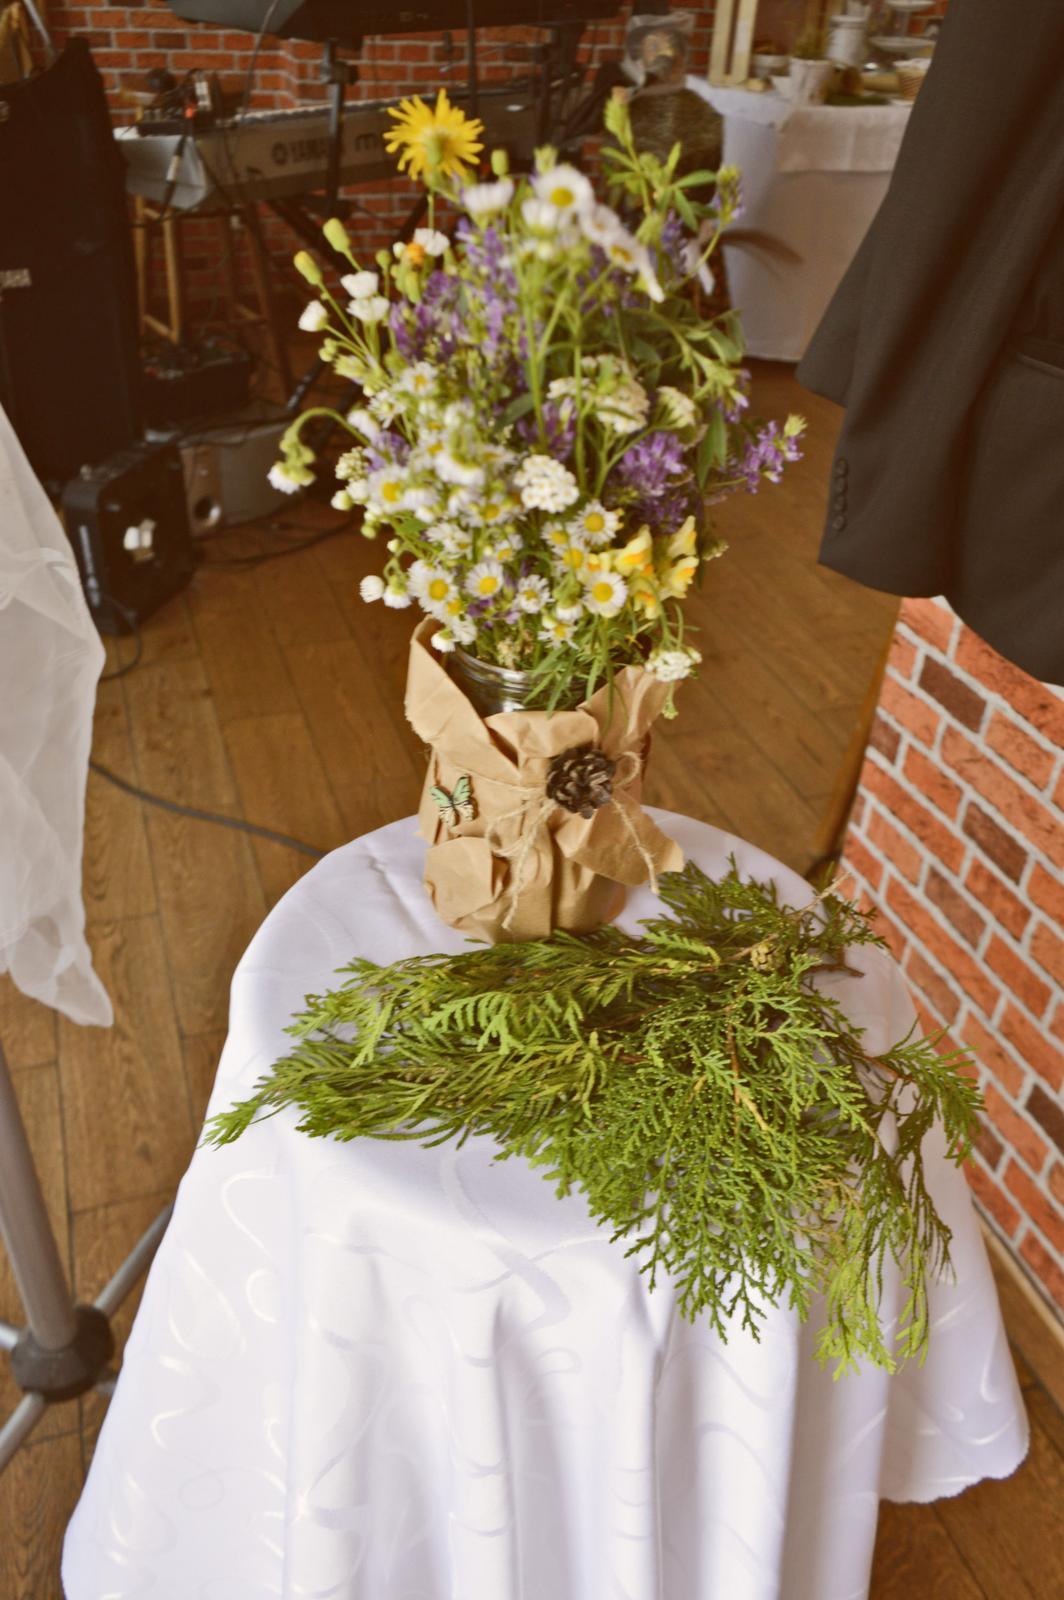 Plánovací diár - zavaracie pohare obalene baliacim papierom s lucnymi kvetmi